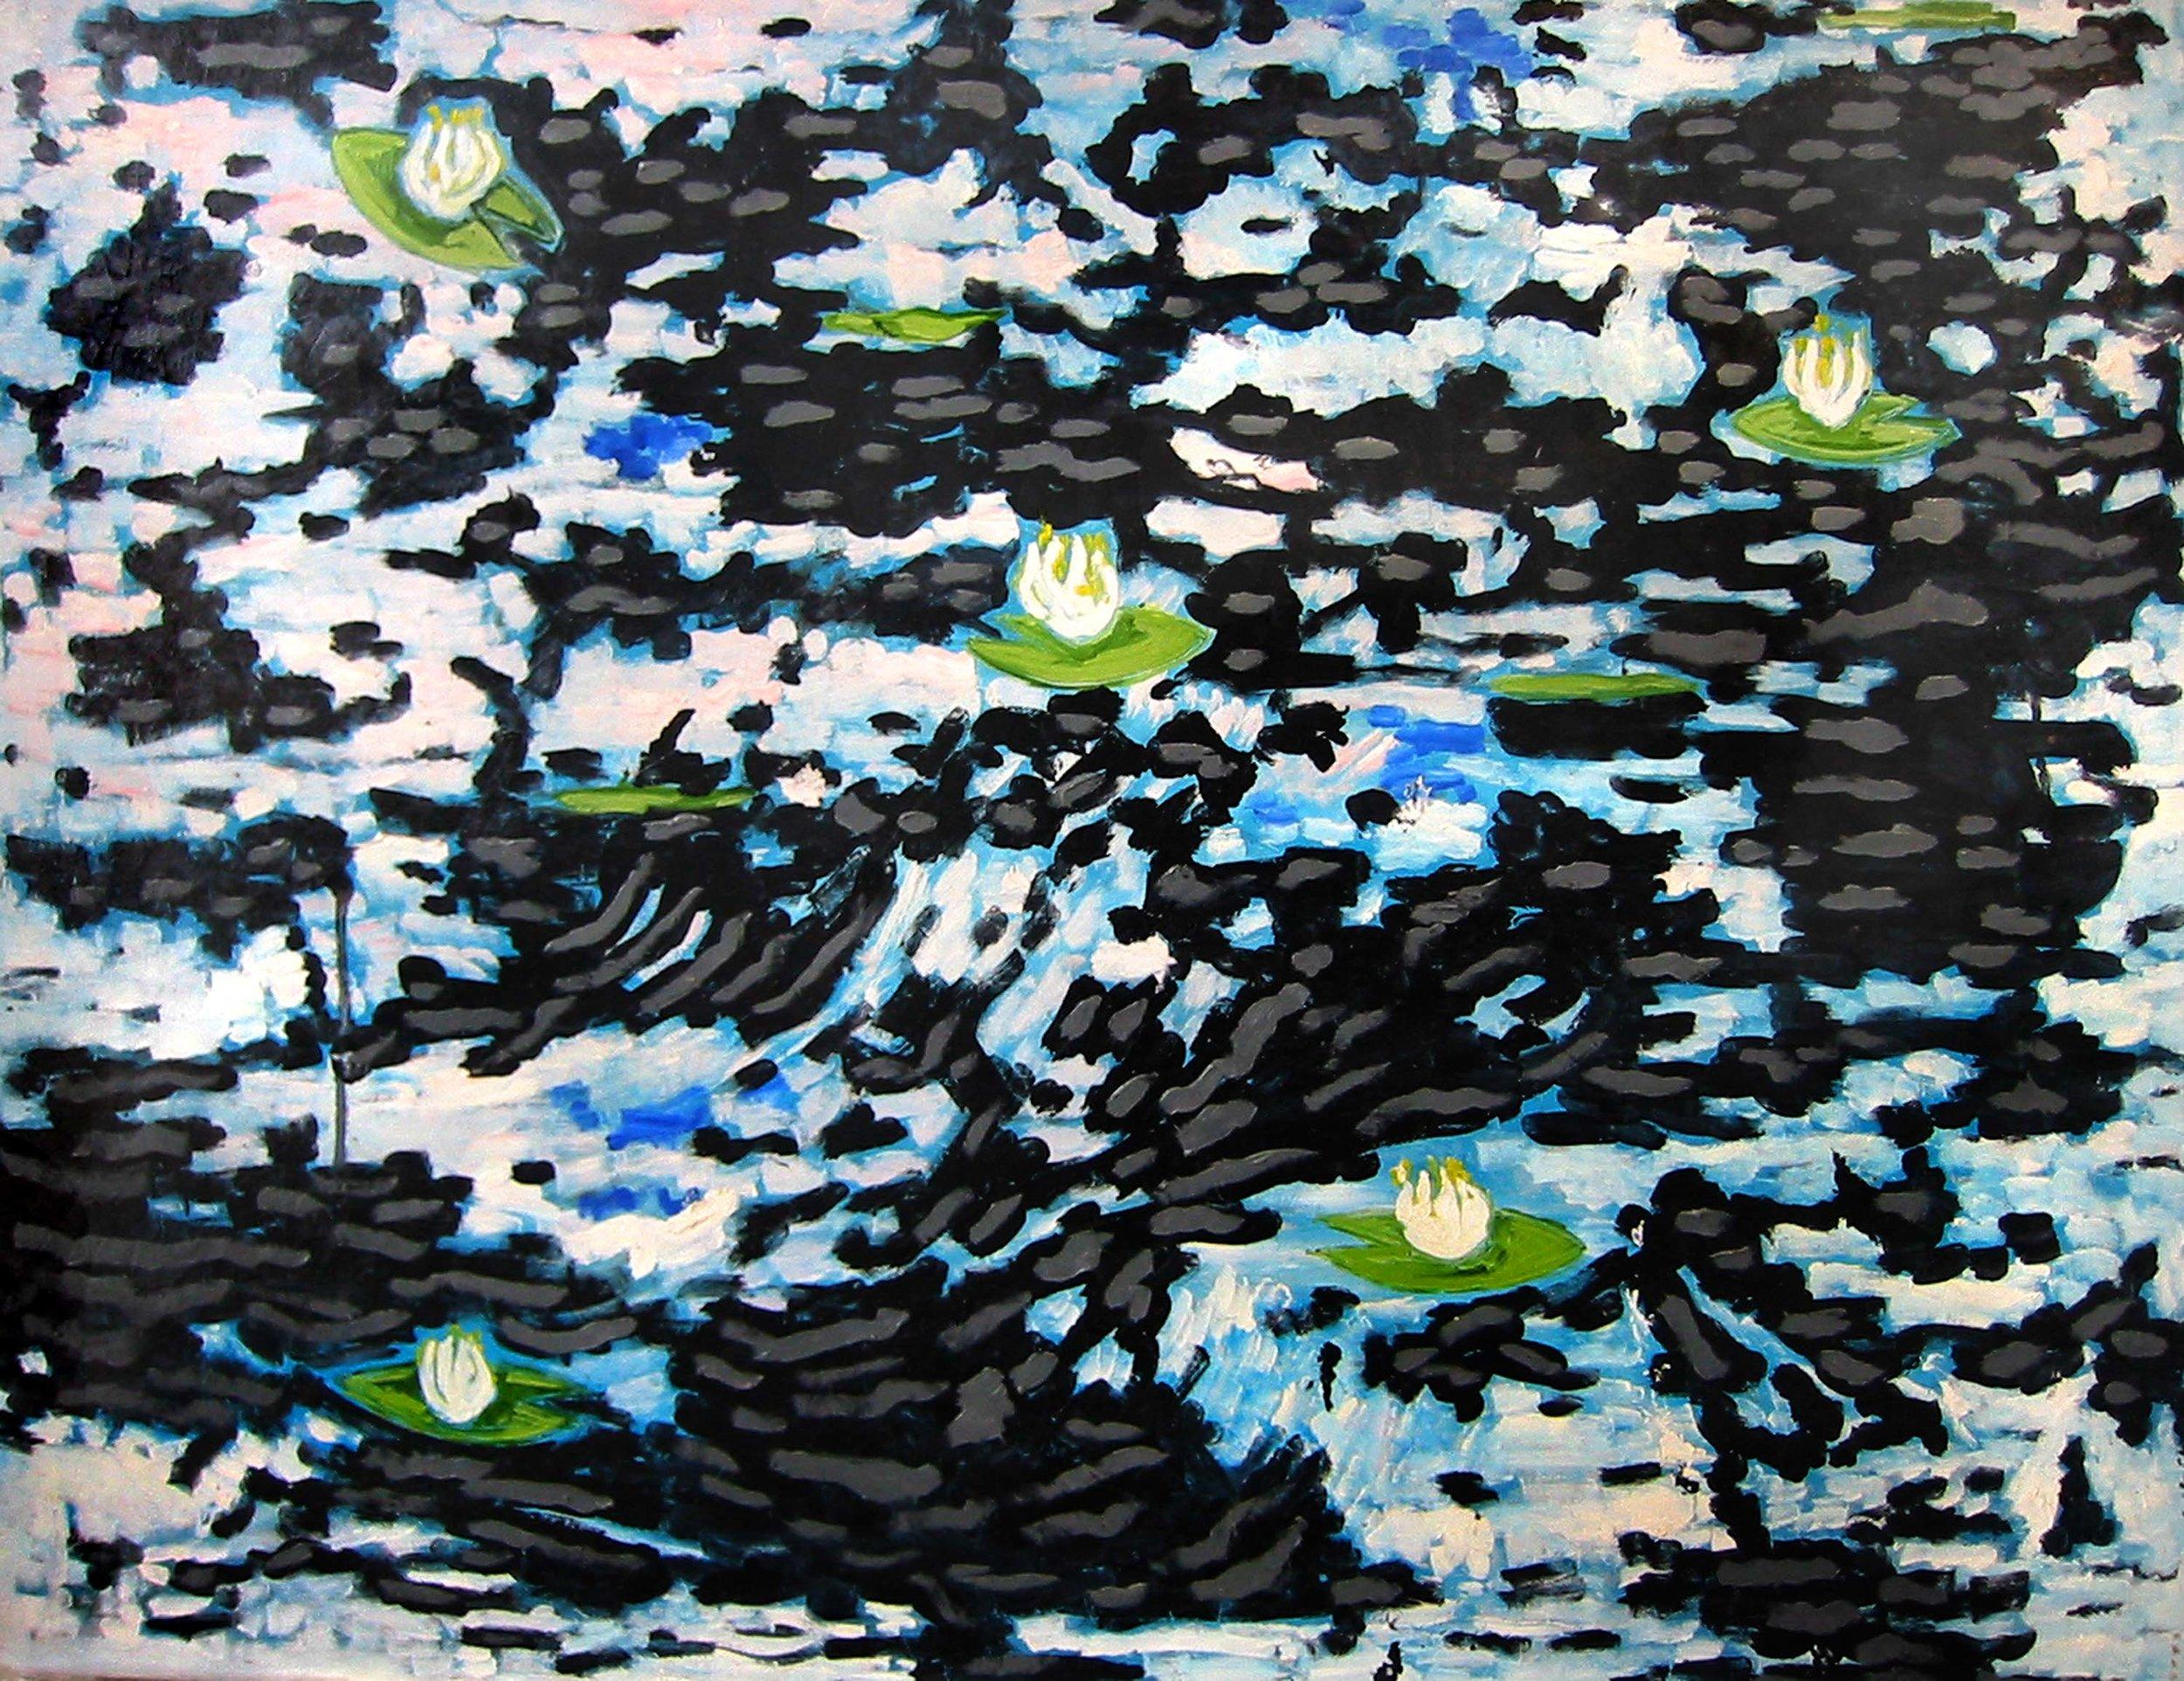 Réflexions avec nénuphars , circa 2005, huile sur toile / oil on canvas